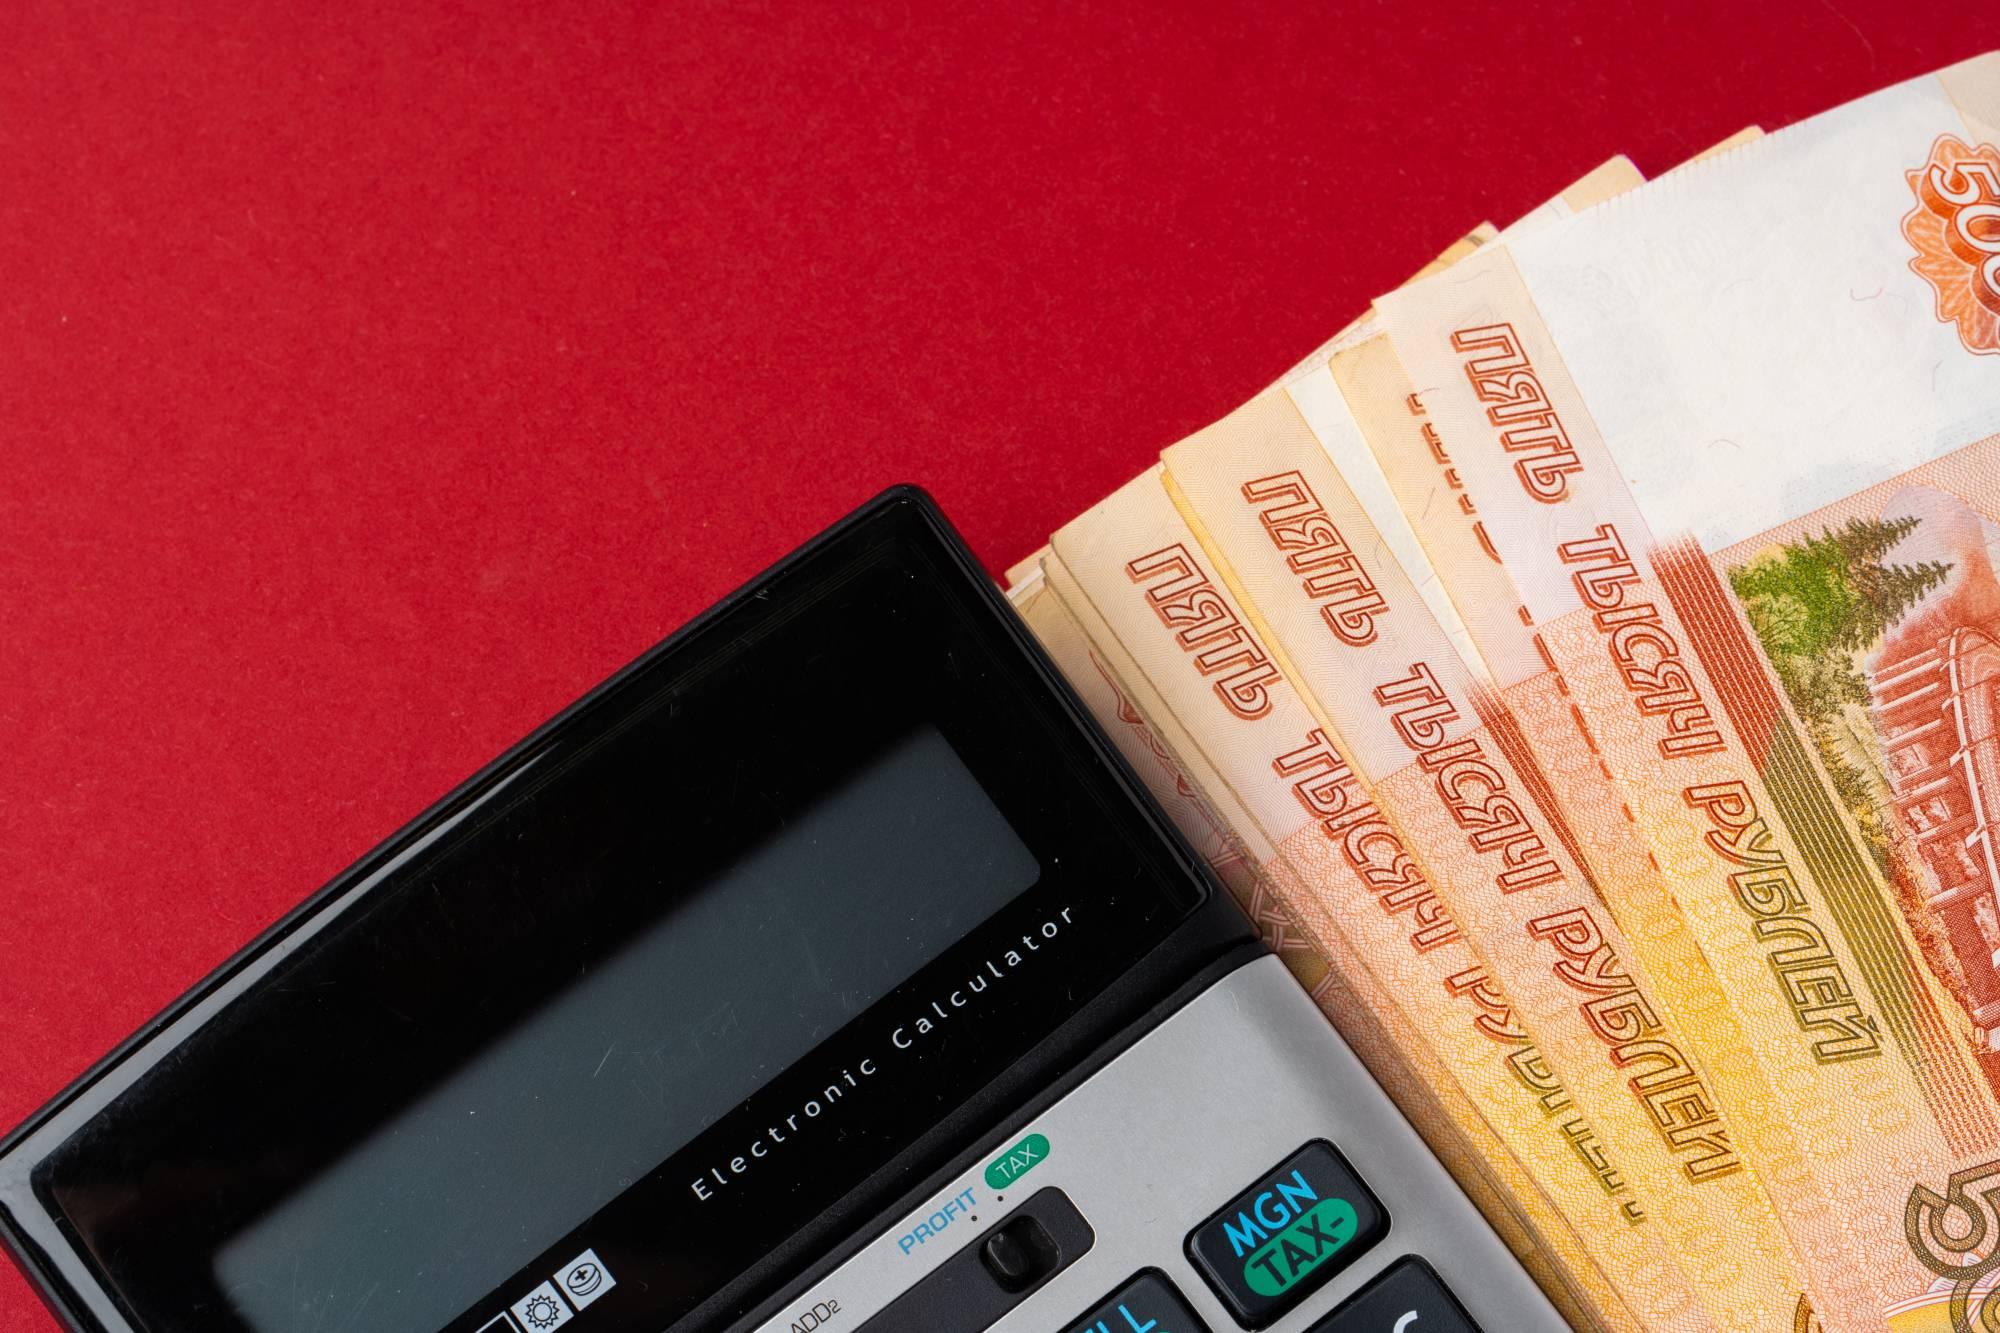 Секретный перевод: на чём начали терять деньги клиенты банков